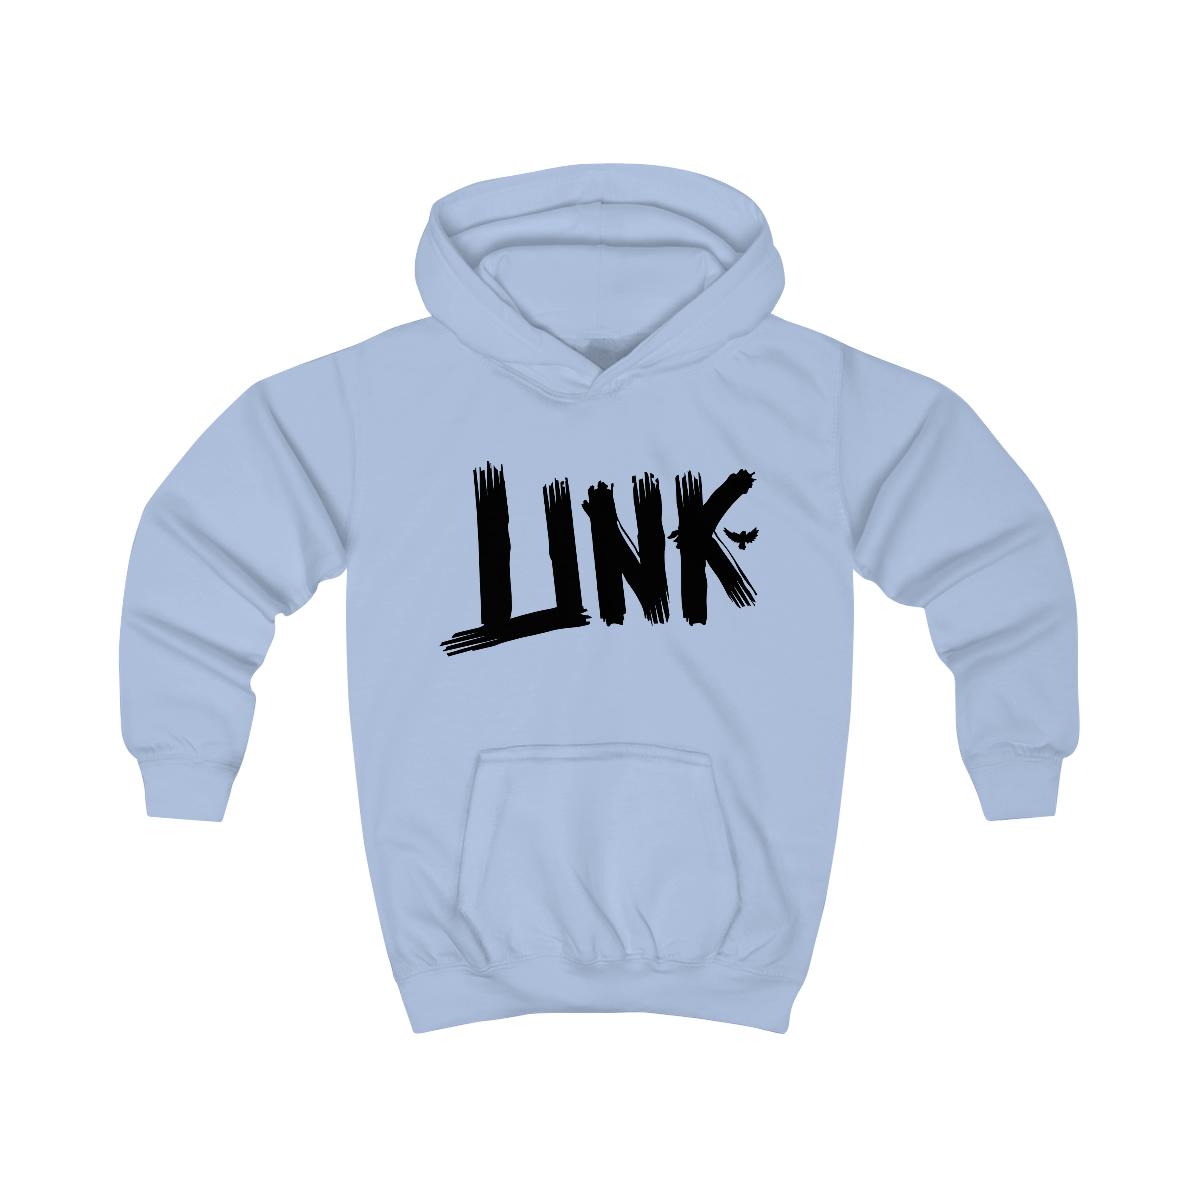 KIDS LINK Hoodie